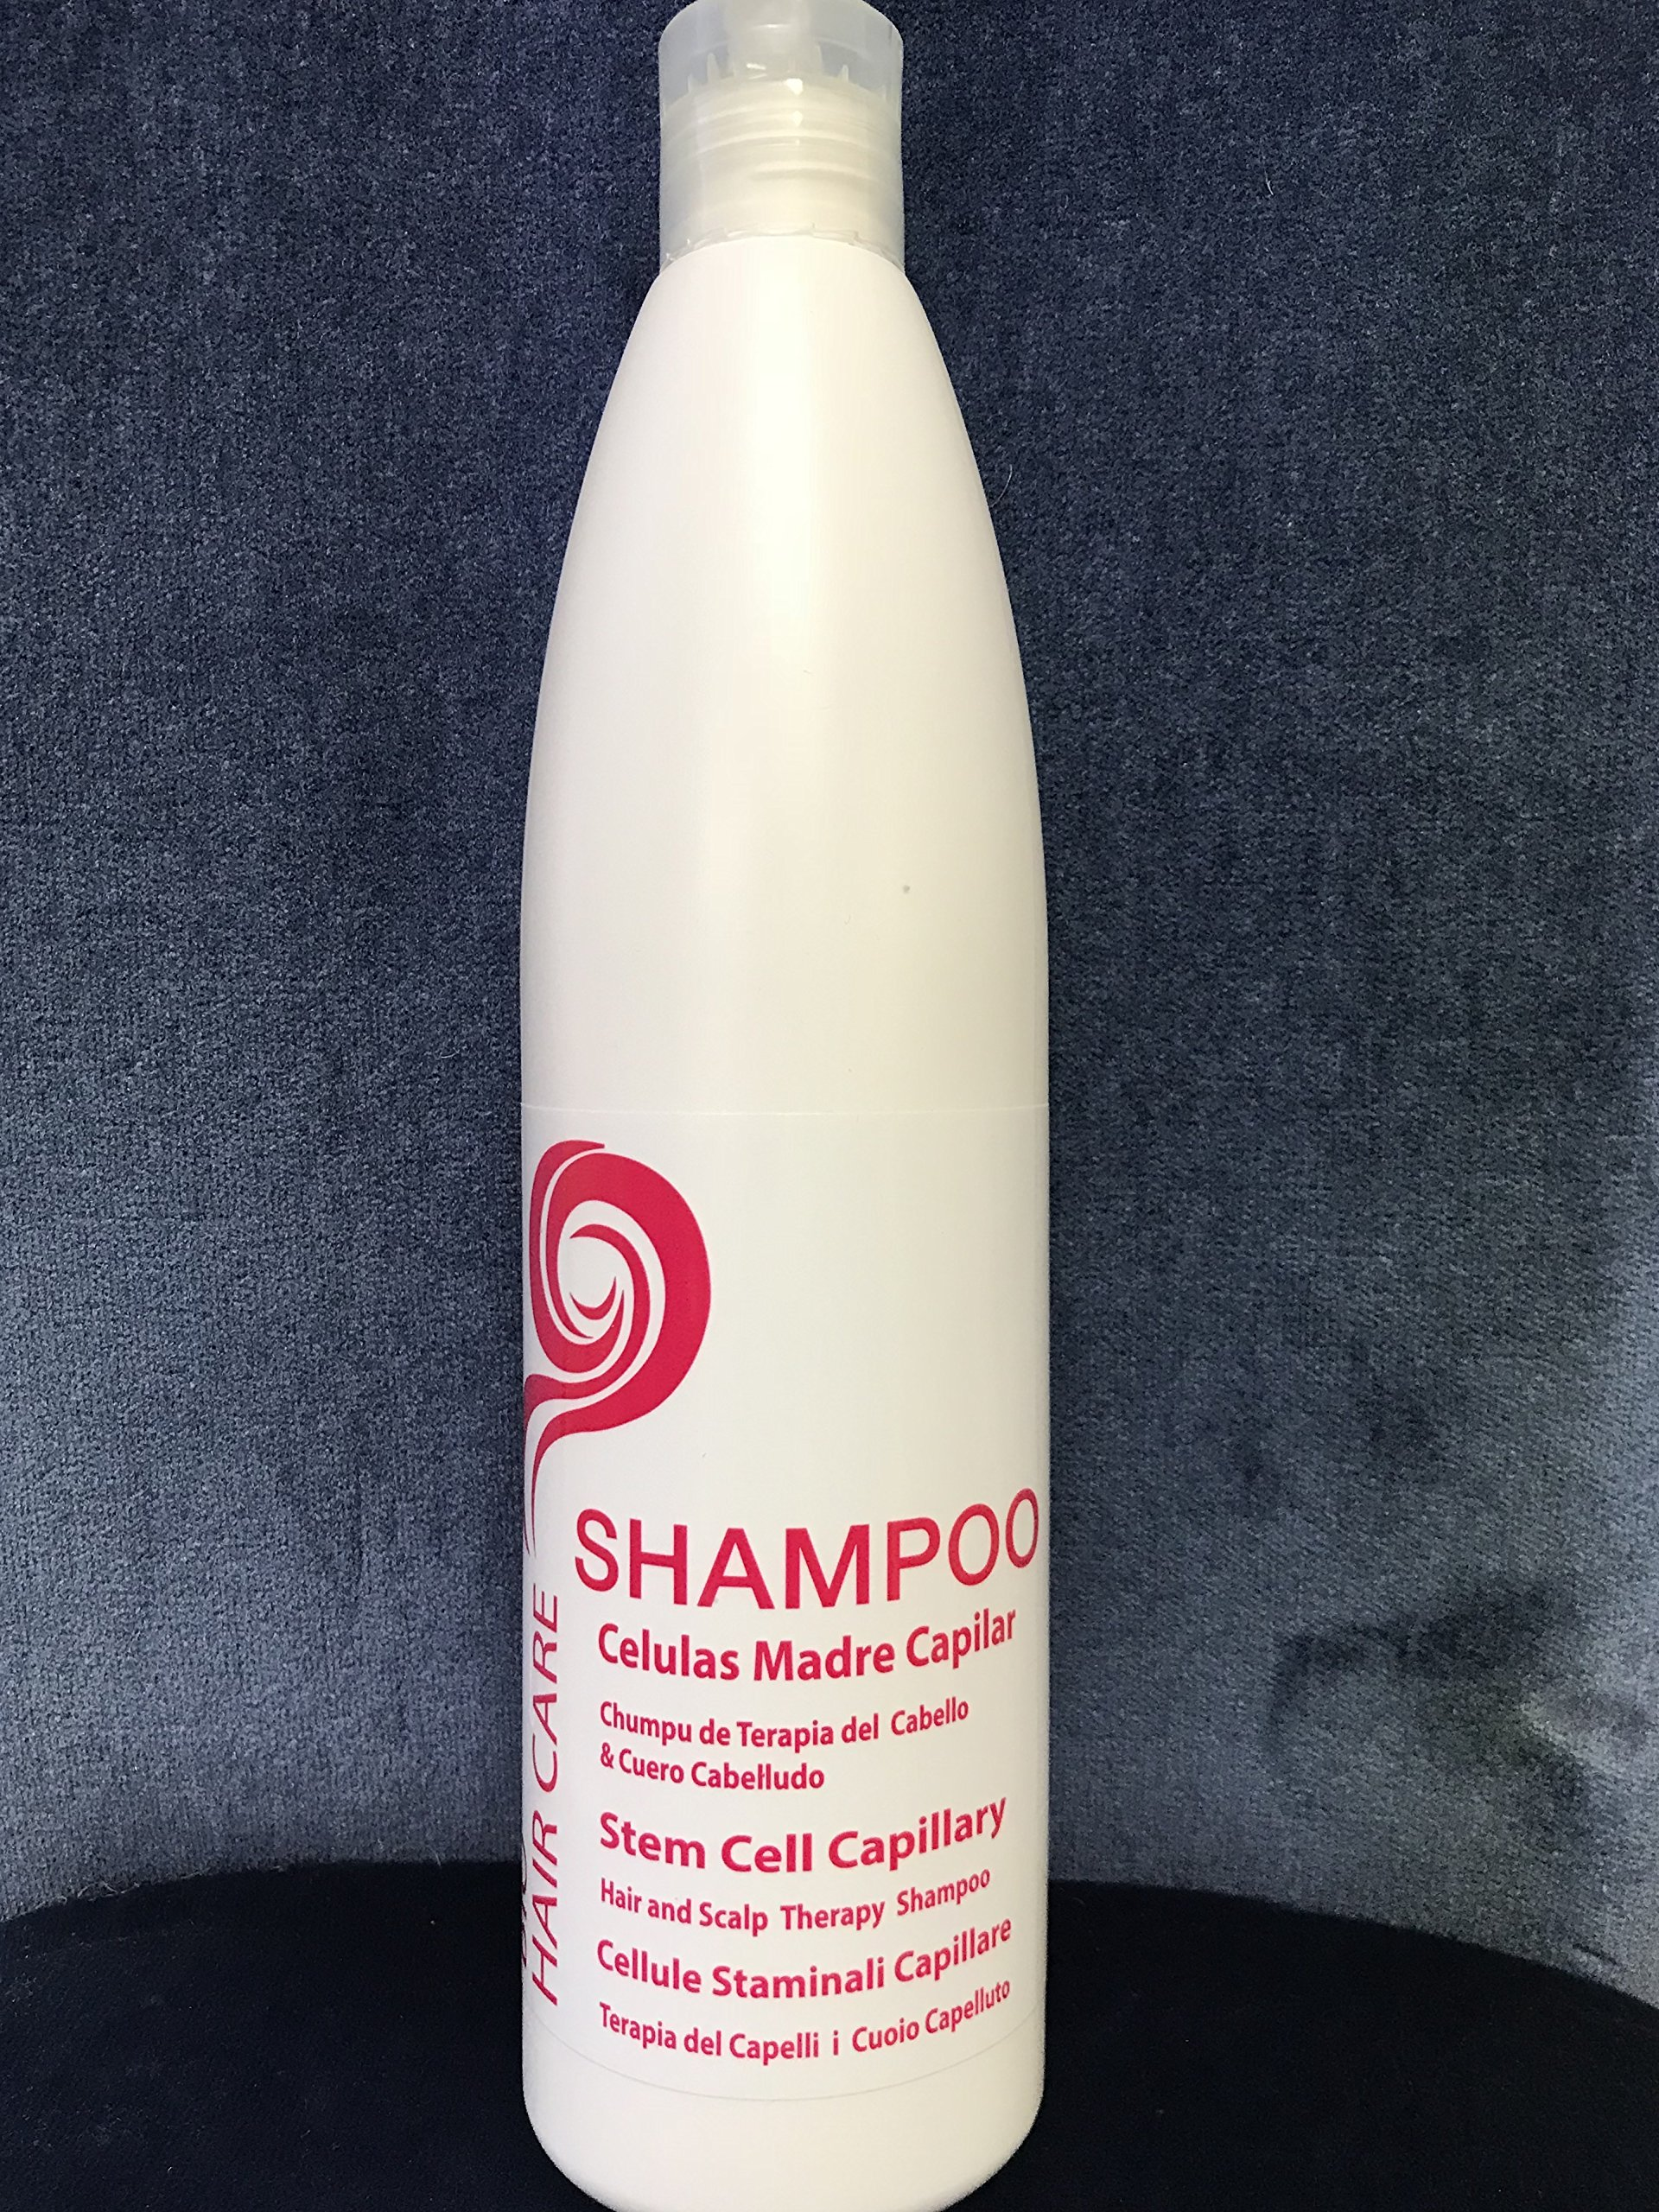 STEM CELL HAIR SHAMPOO SULFATE FREE / CELULA MADRE CAPILAR SHAMPOO 33.OZ